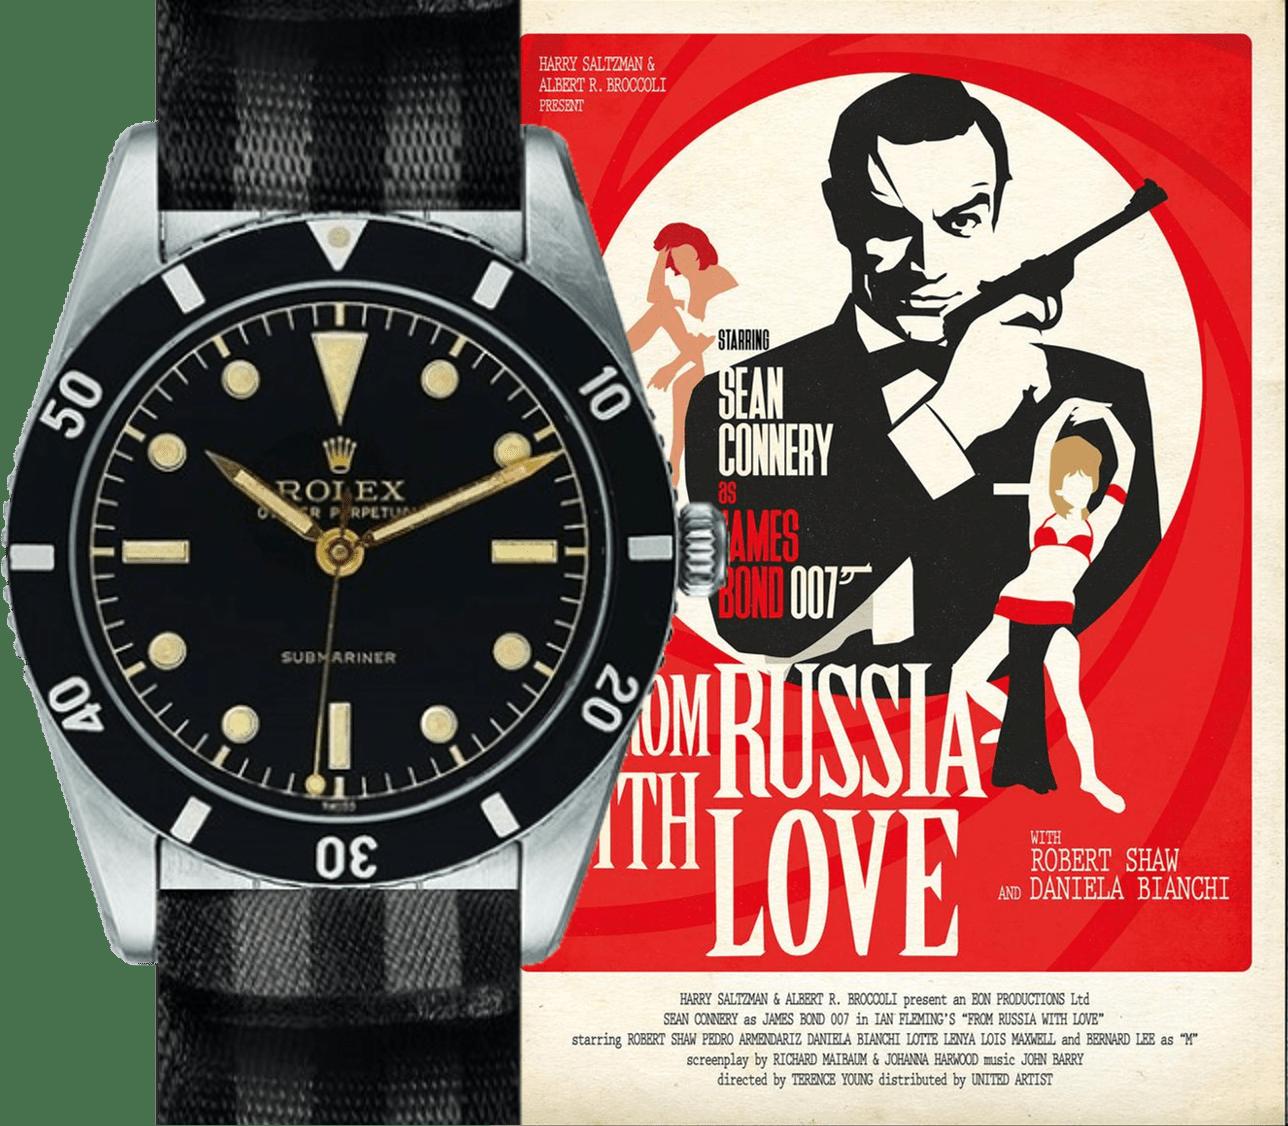 Armbanduhren-technisch auf der Höhe - James Bond in From Russia with Love